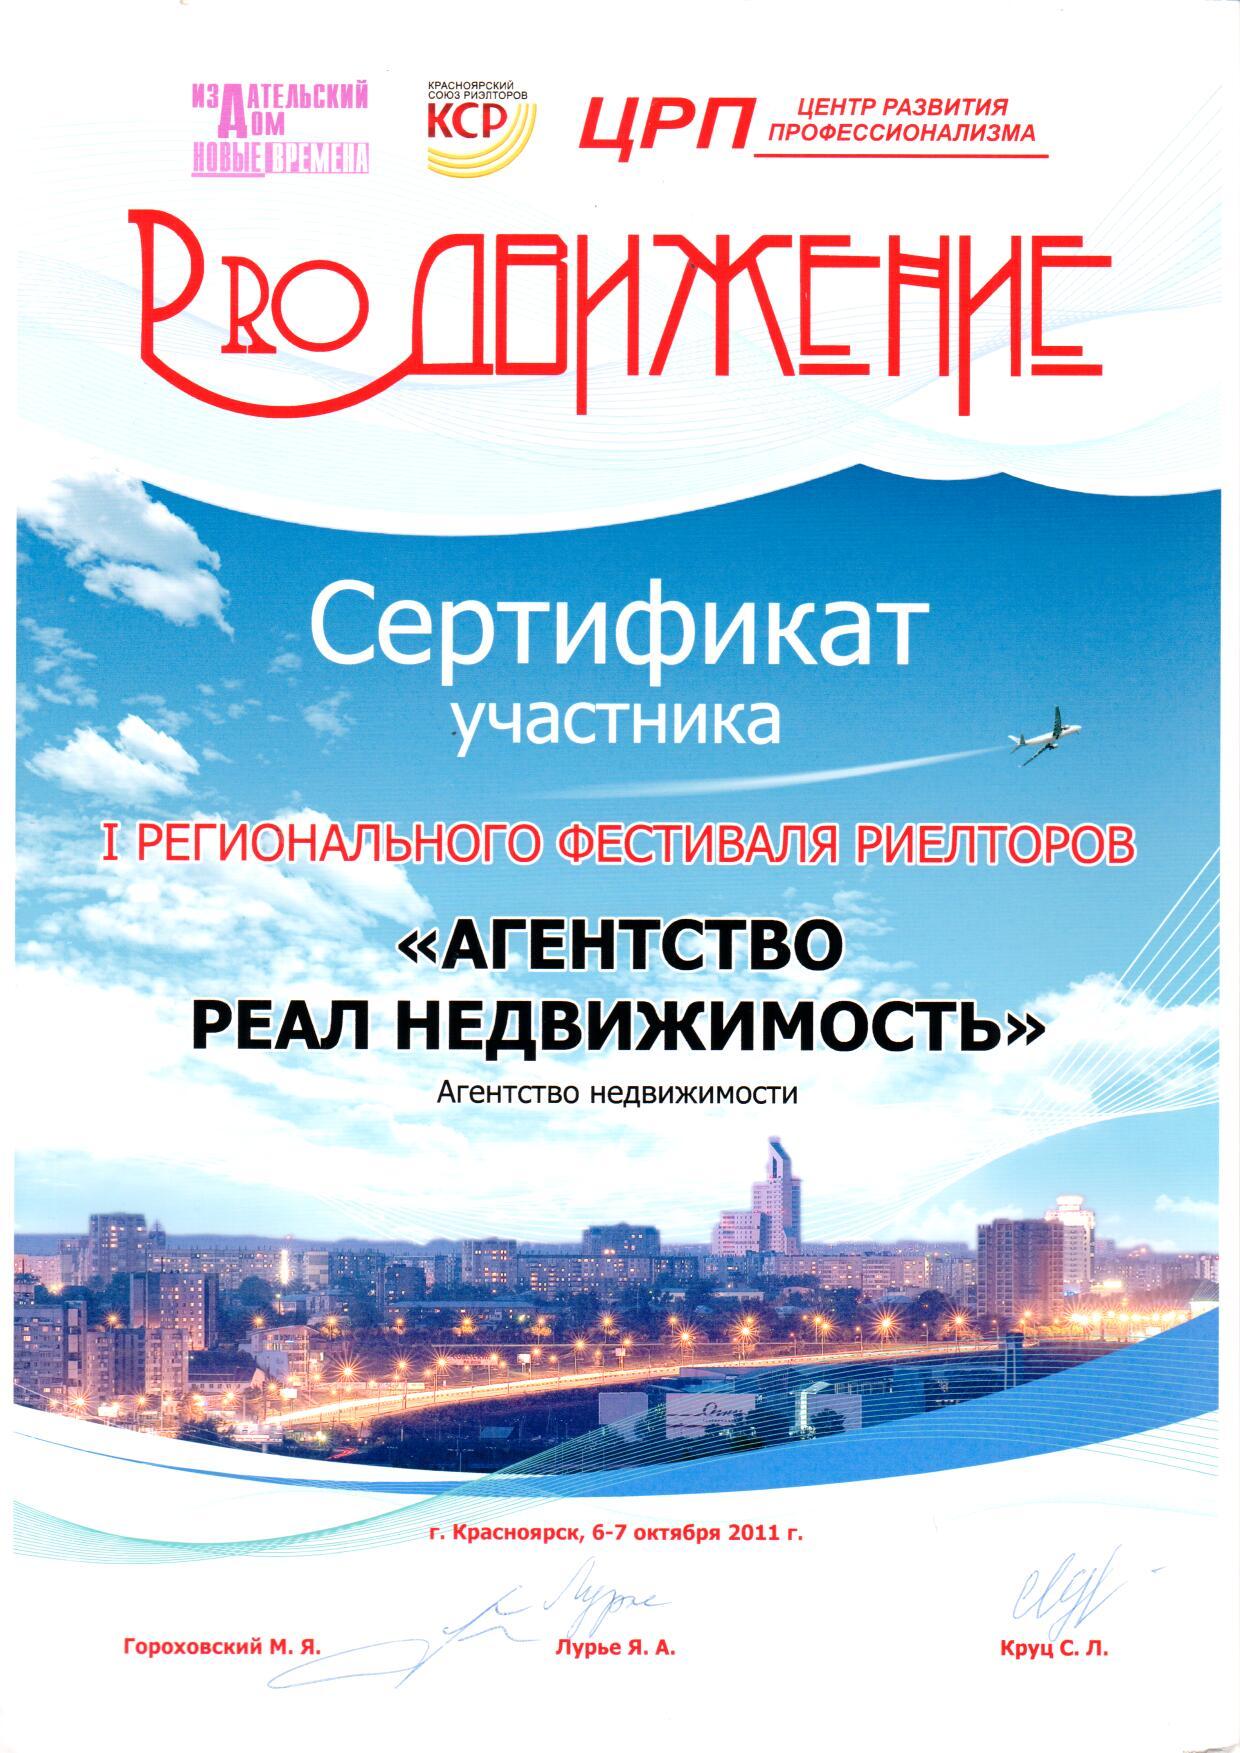 Сертификат участника фестиваля риелторов